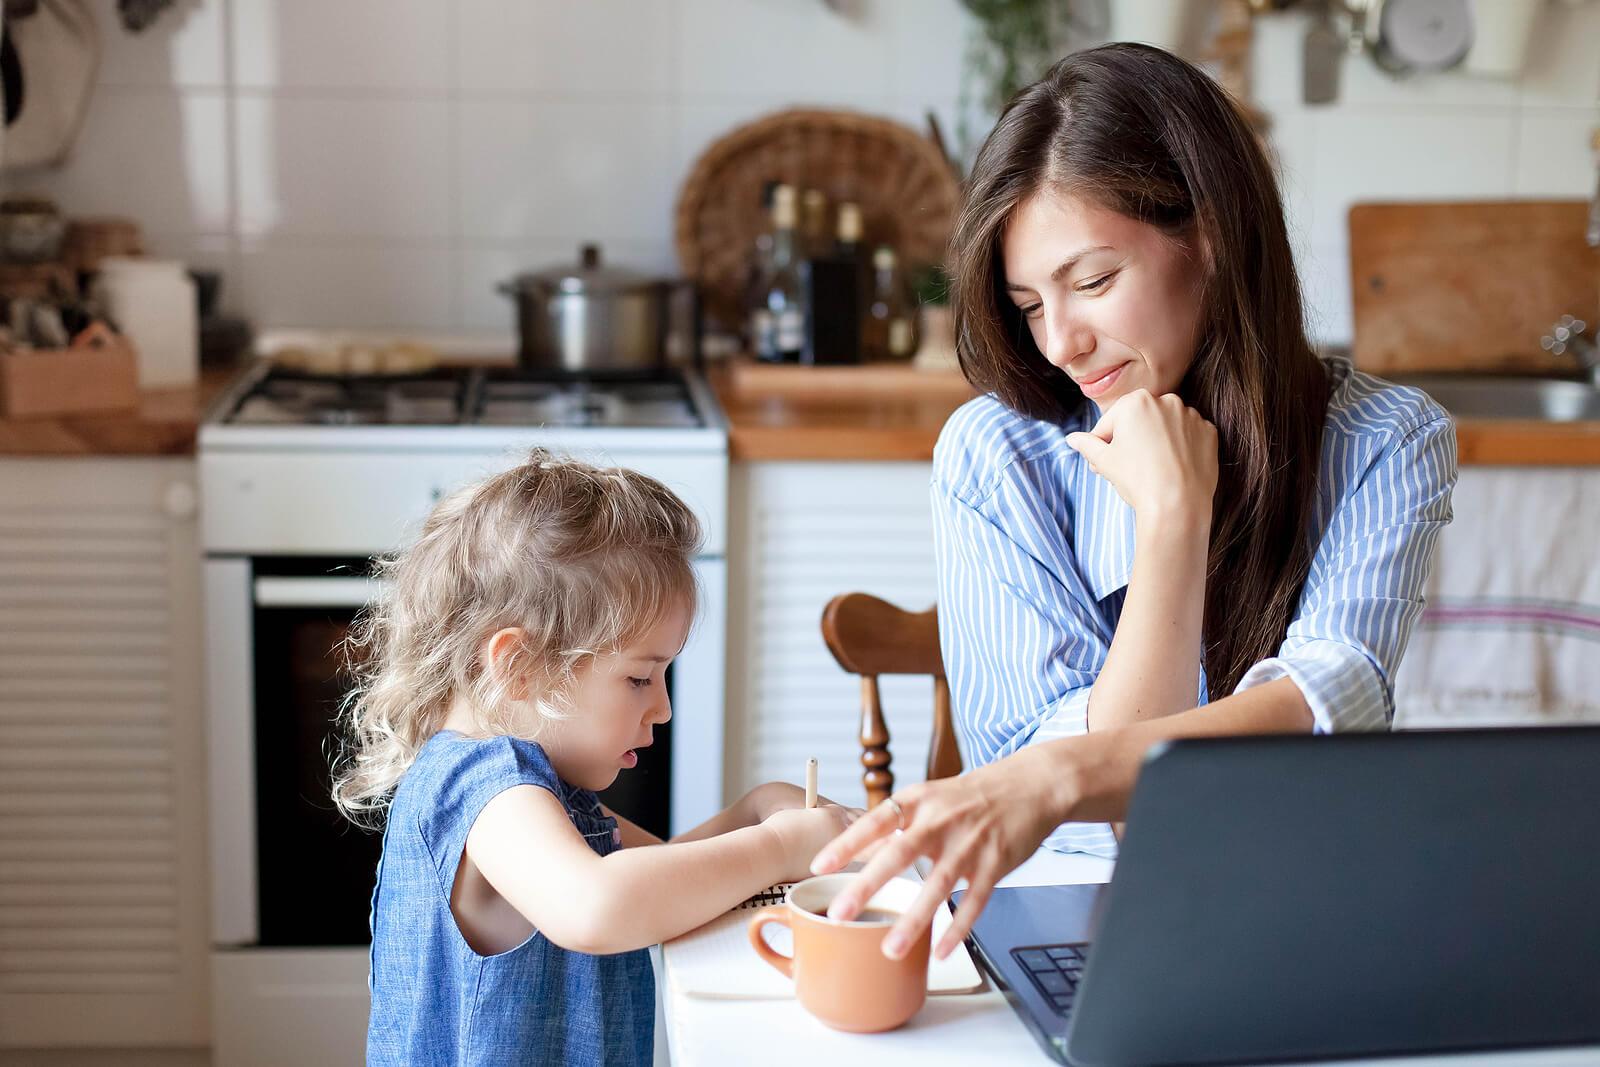 Madre e hija trabajando juntas en la cocina.